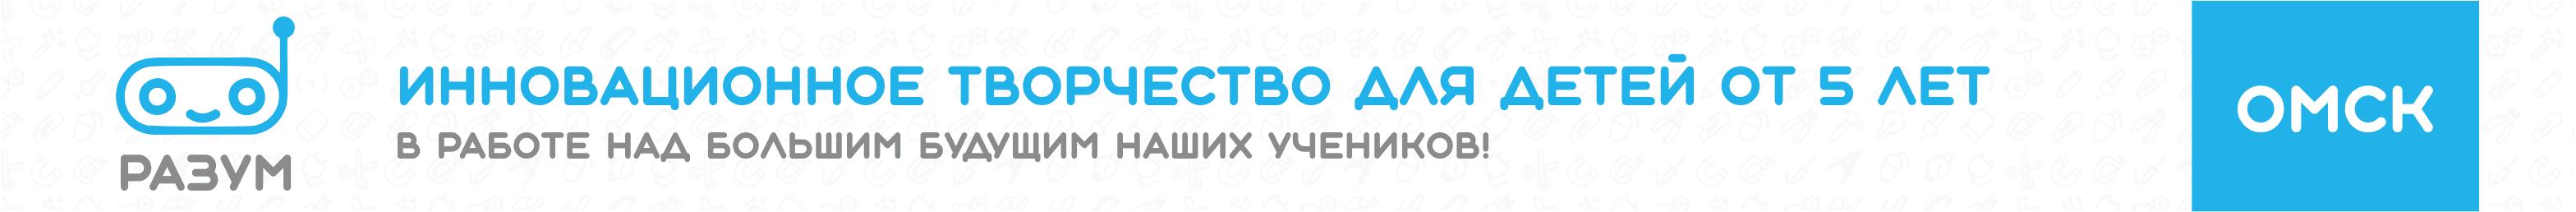 Центр РАЗУМ | Робототехника и программирование для детей | Школа инженера в Омске